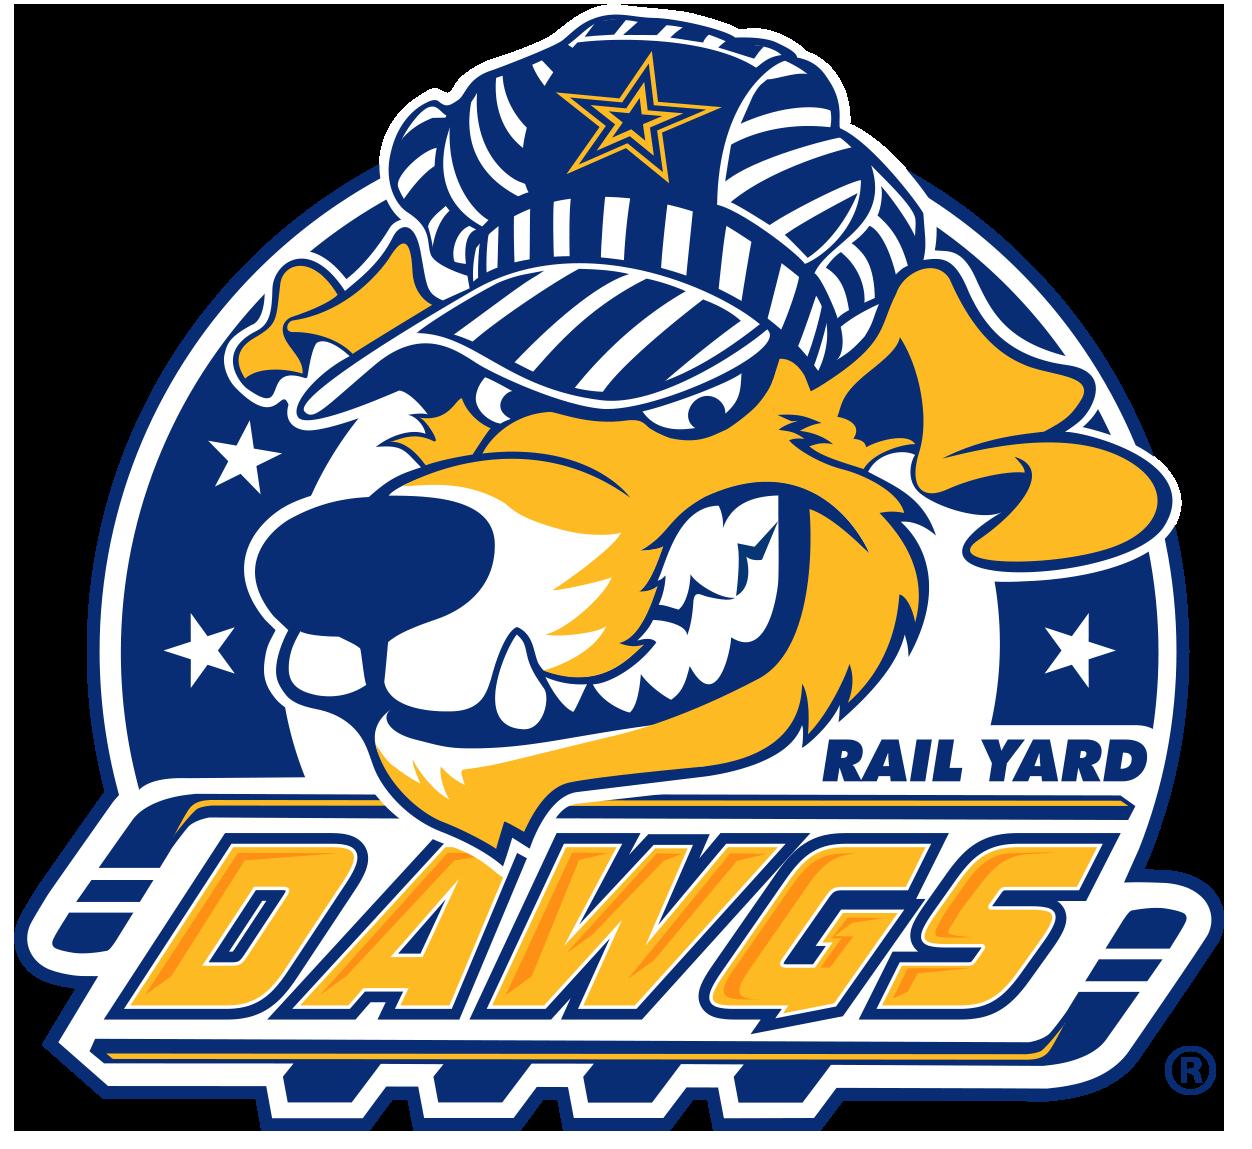 Roanoke Rail Yard Dawgs